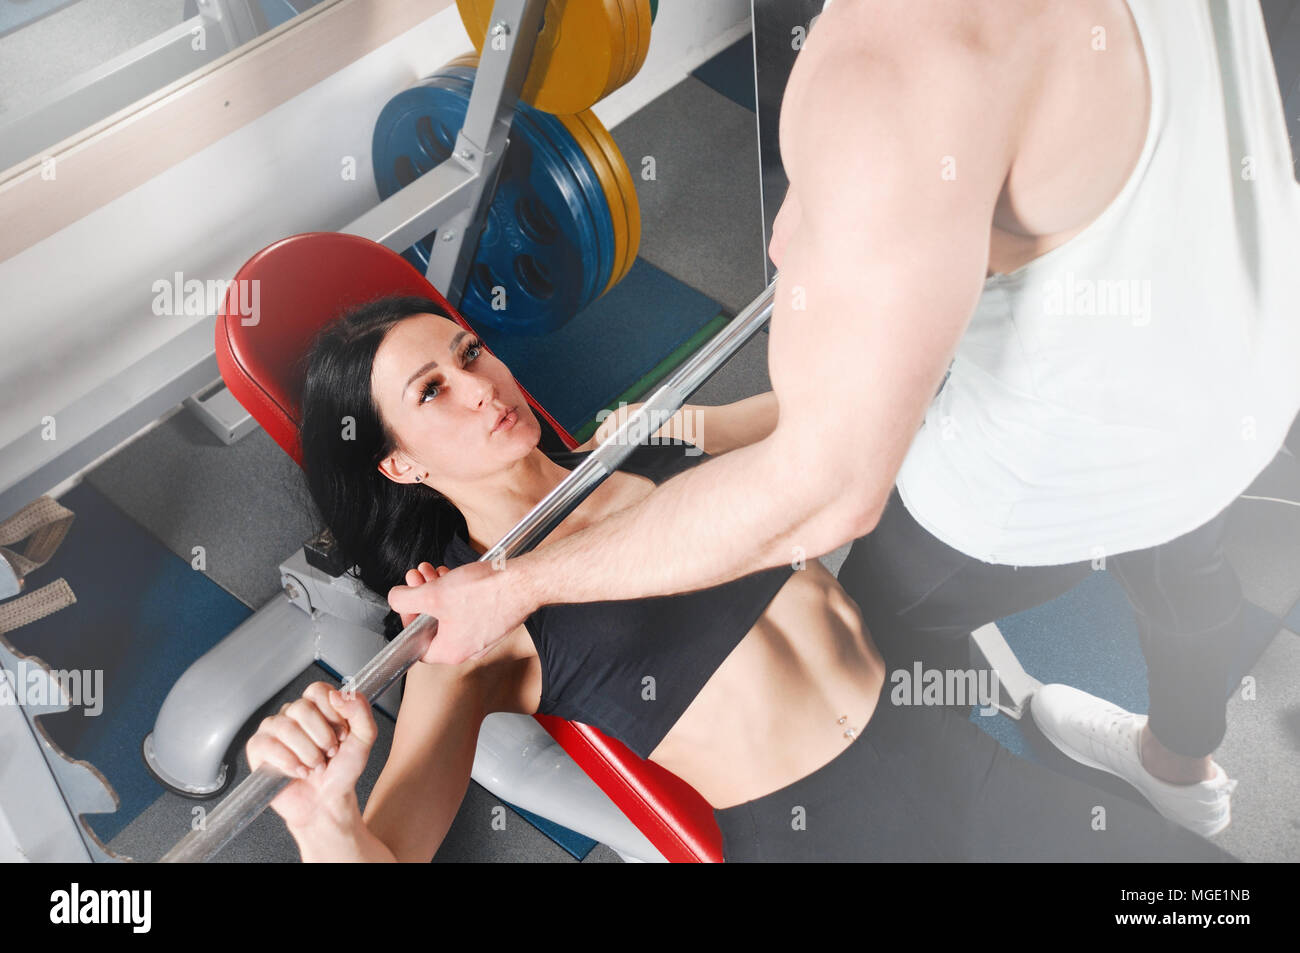 Giovane donna e personal trainer con barbell flettendo i muscoli in palestra. Attraente giovane donna sportivo sta lavorando in palestra Foto Stock